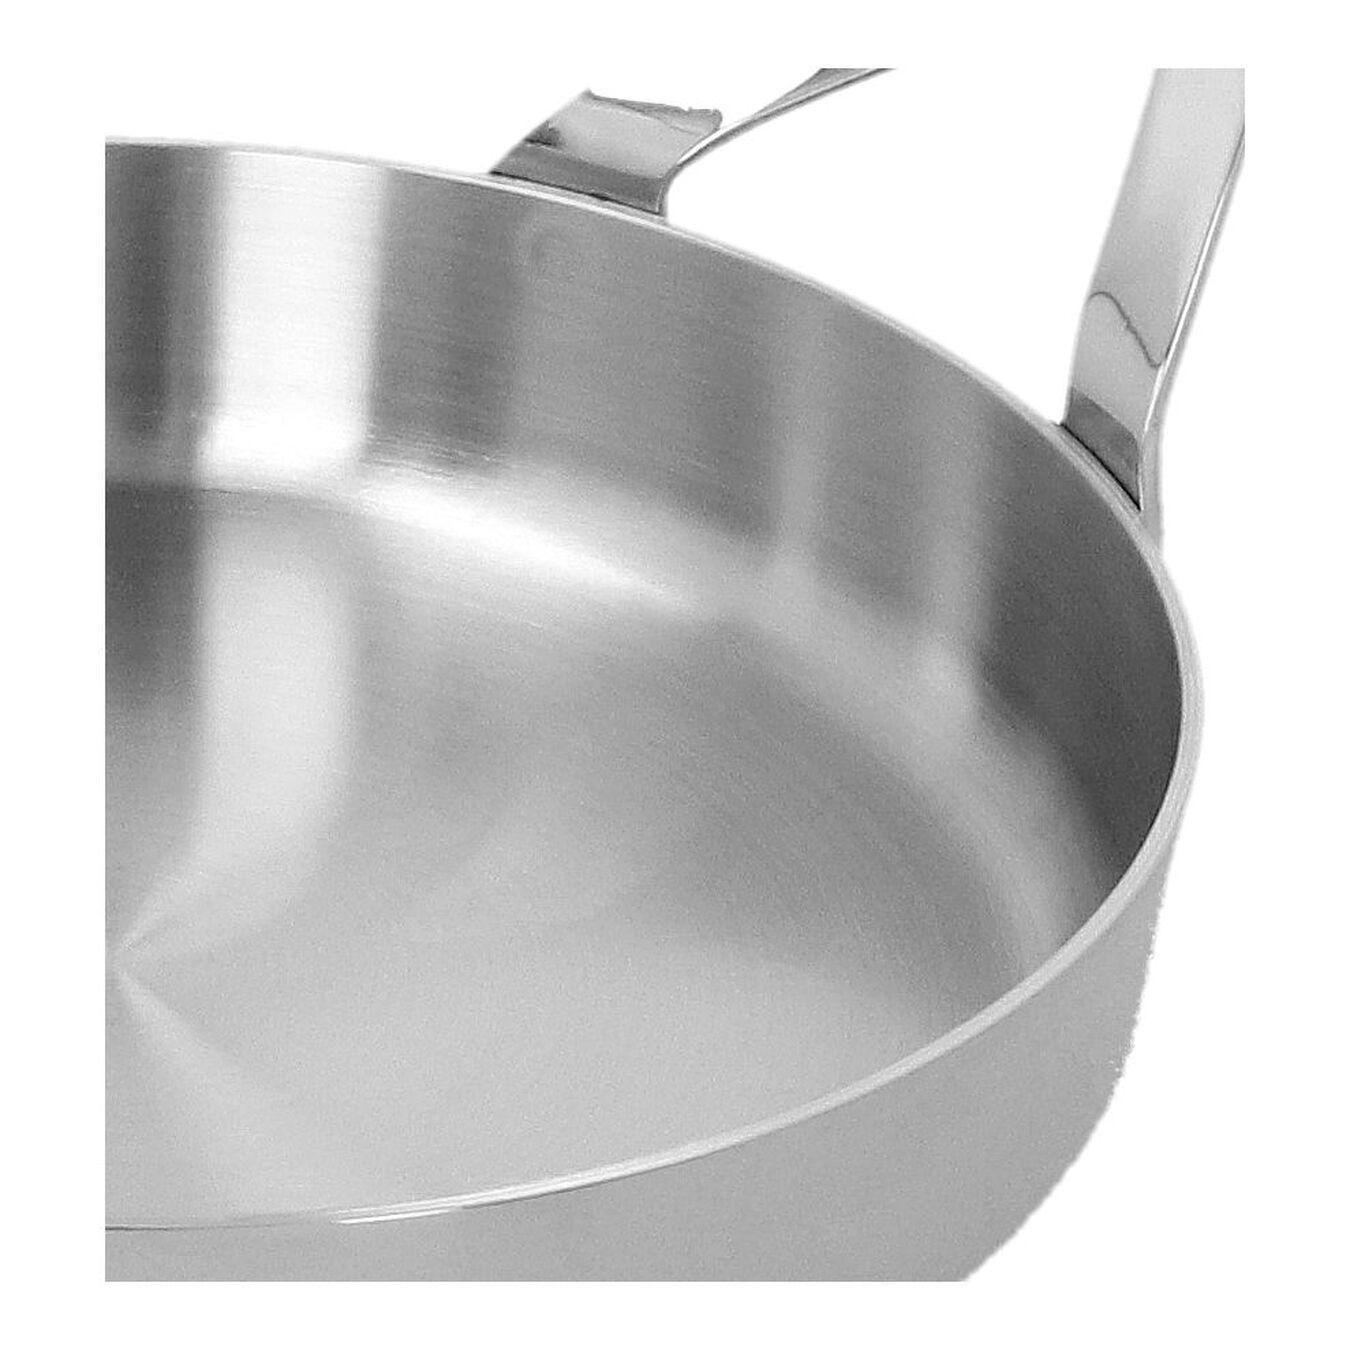 Padella - 16 cm, 18/10 acciaio inossidabile,,large 3